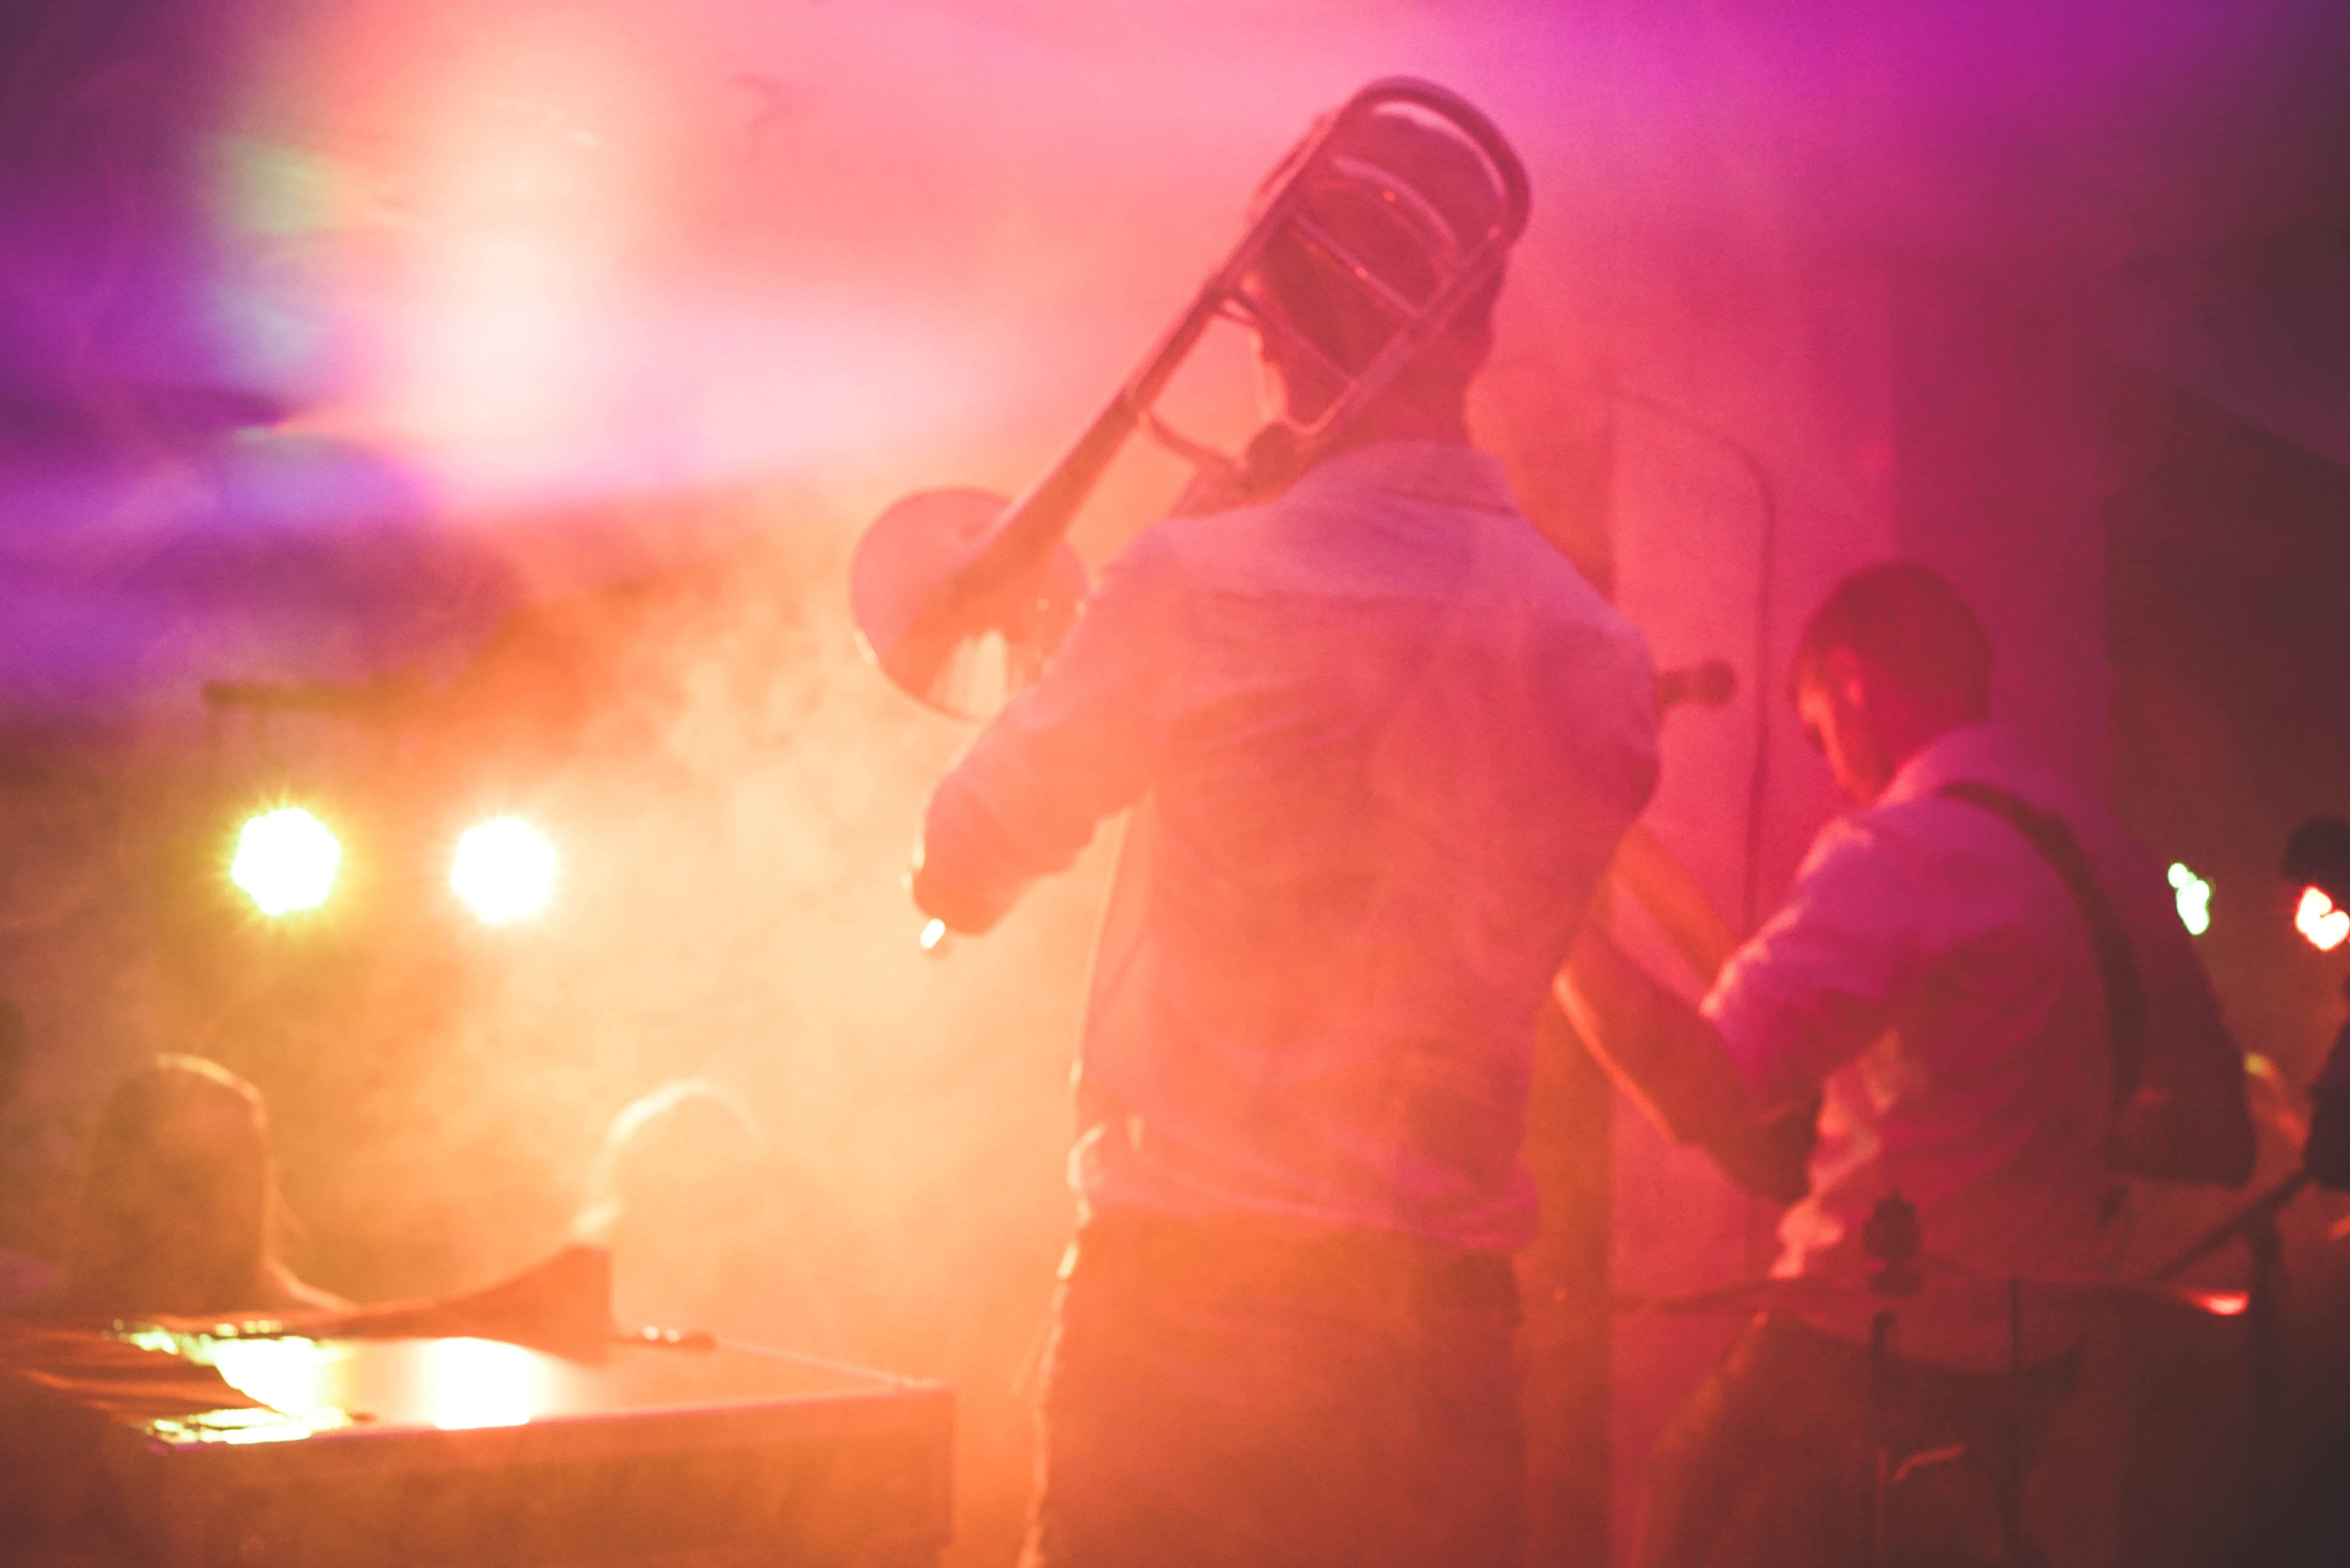 Jazz festival in the alps